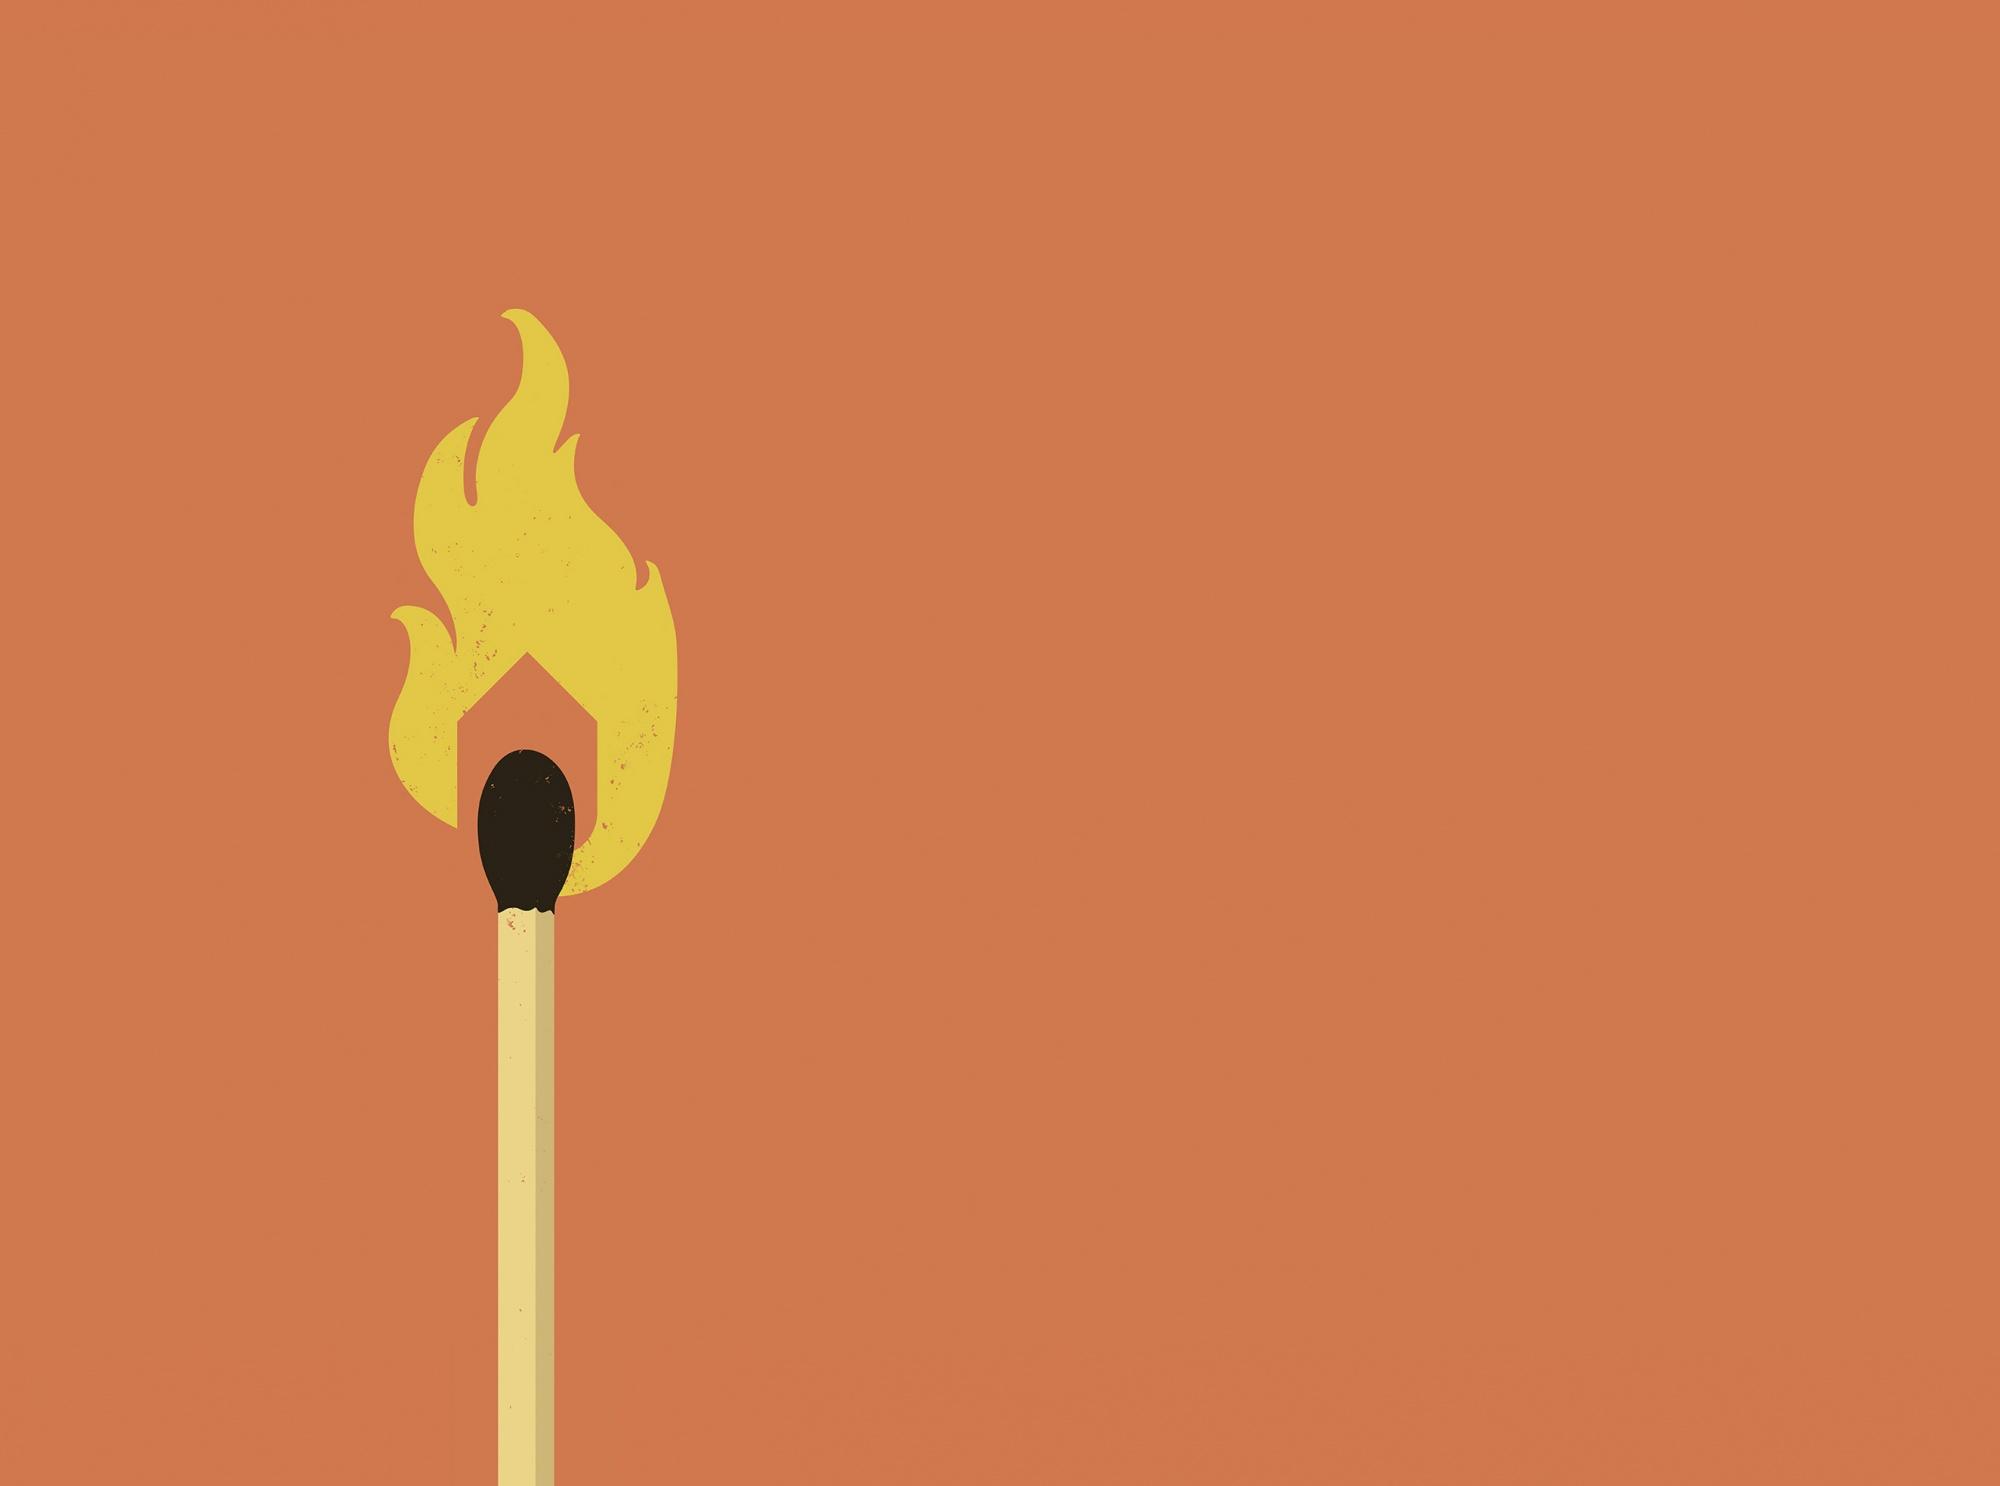 Feuer und flamme f r den brandschutz bund deutscher for Jobborse innenarchitektur